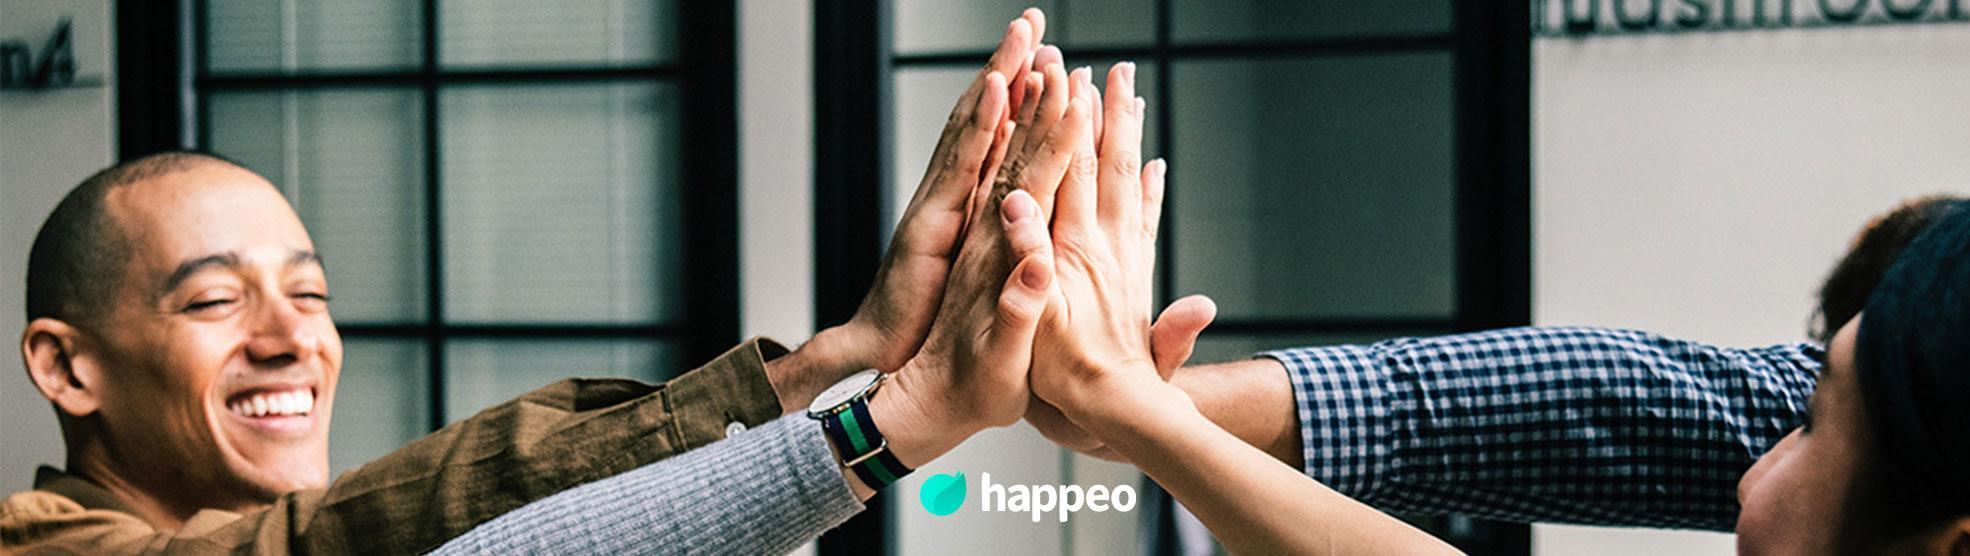 Avis Happeo : Un espace de travail numérique et unifié - Appvizer